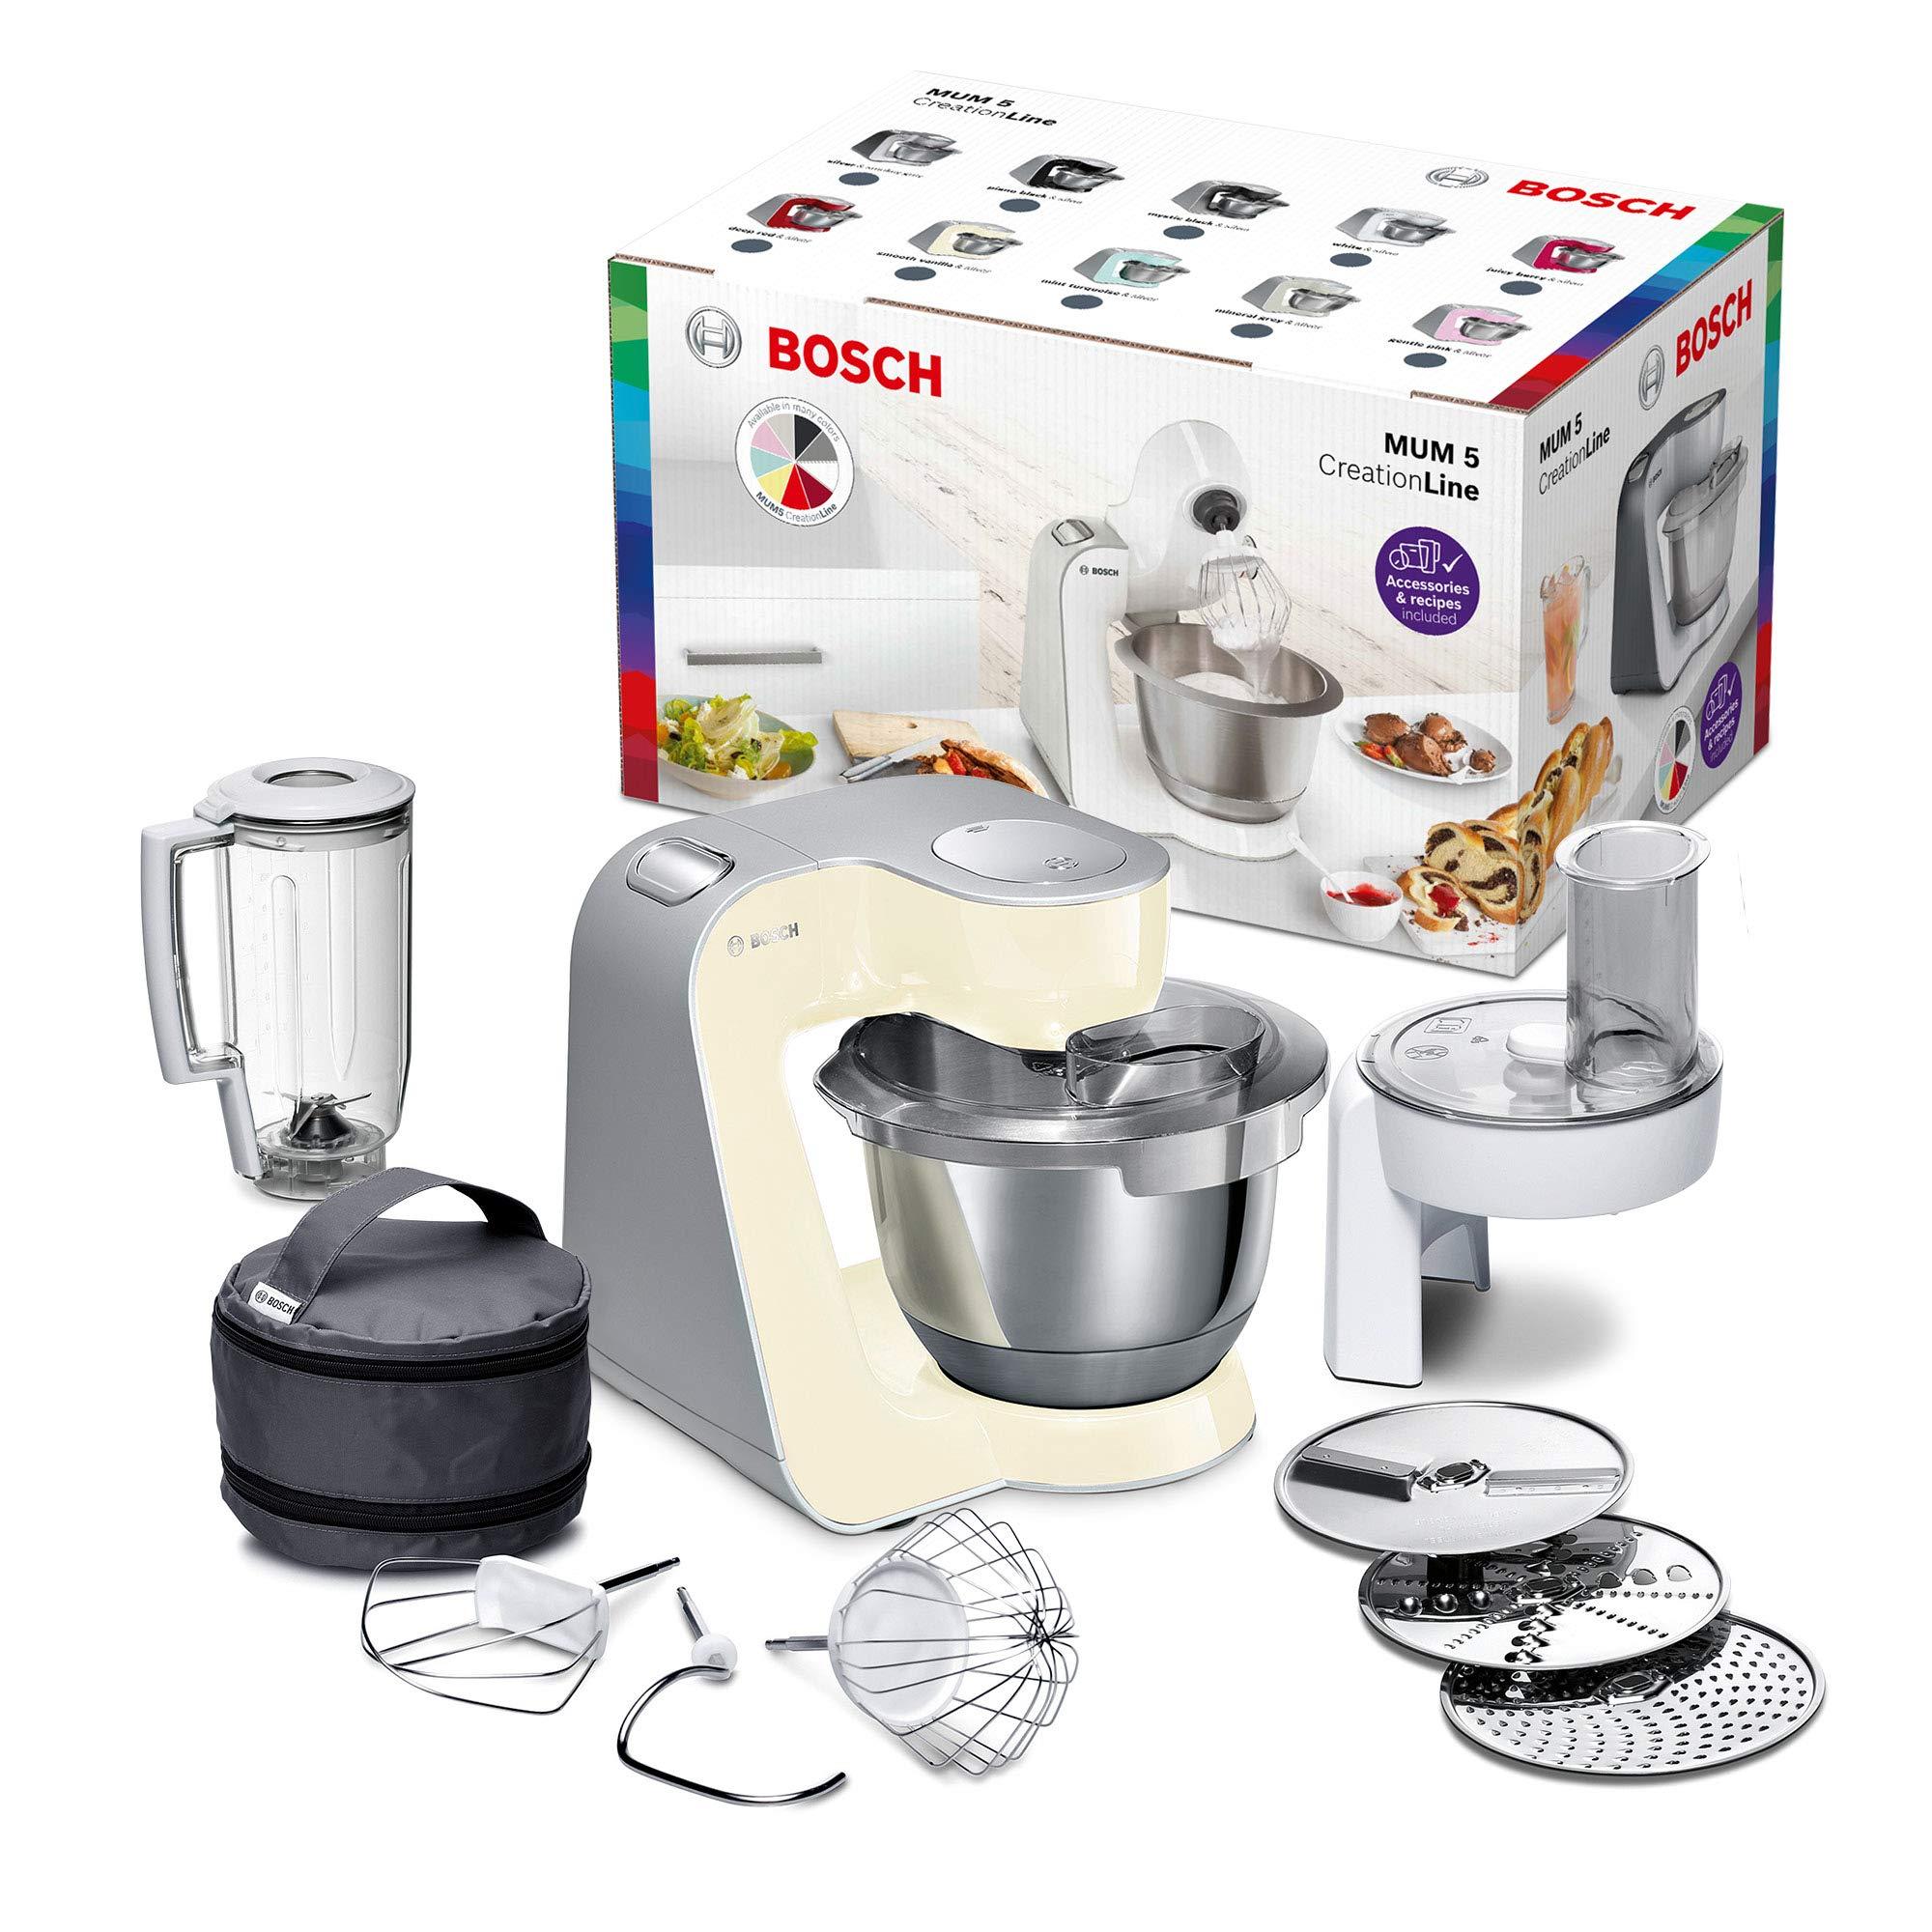 Bosch MUM58920 - Robot de cocina (1000 W, acero inoxidable), color ...